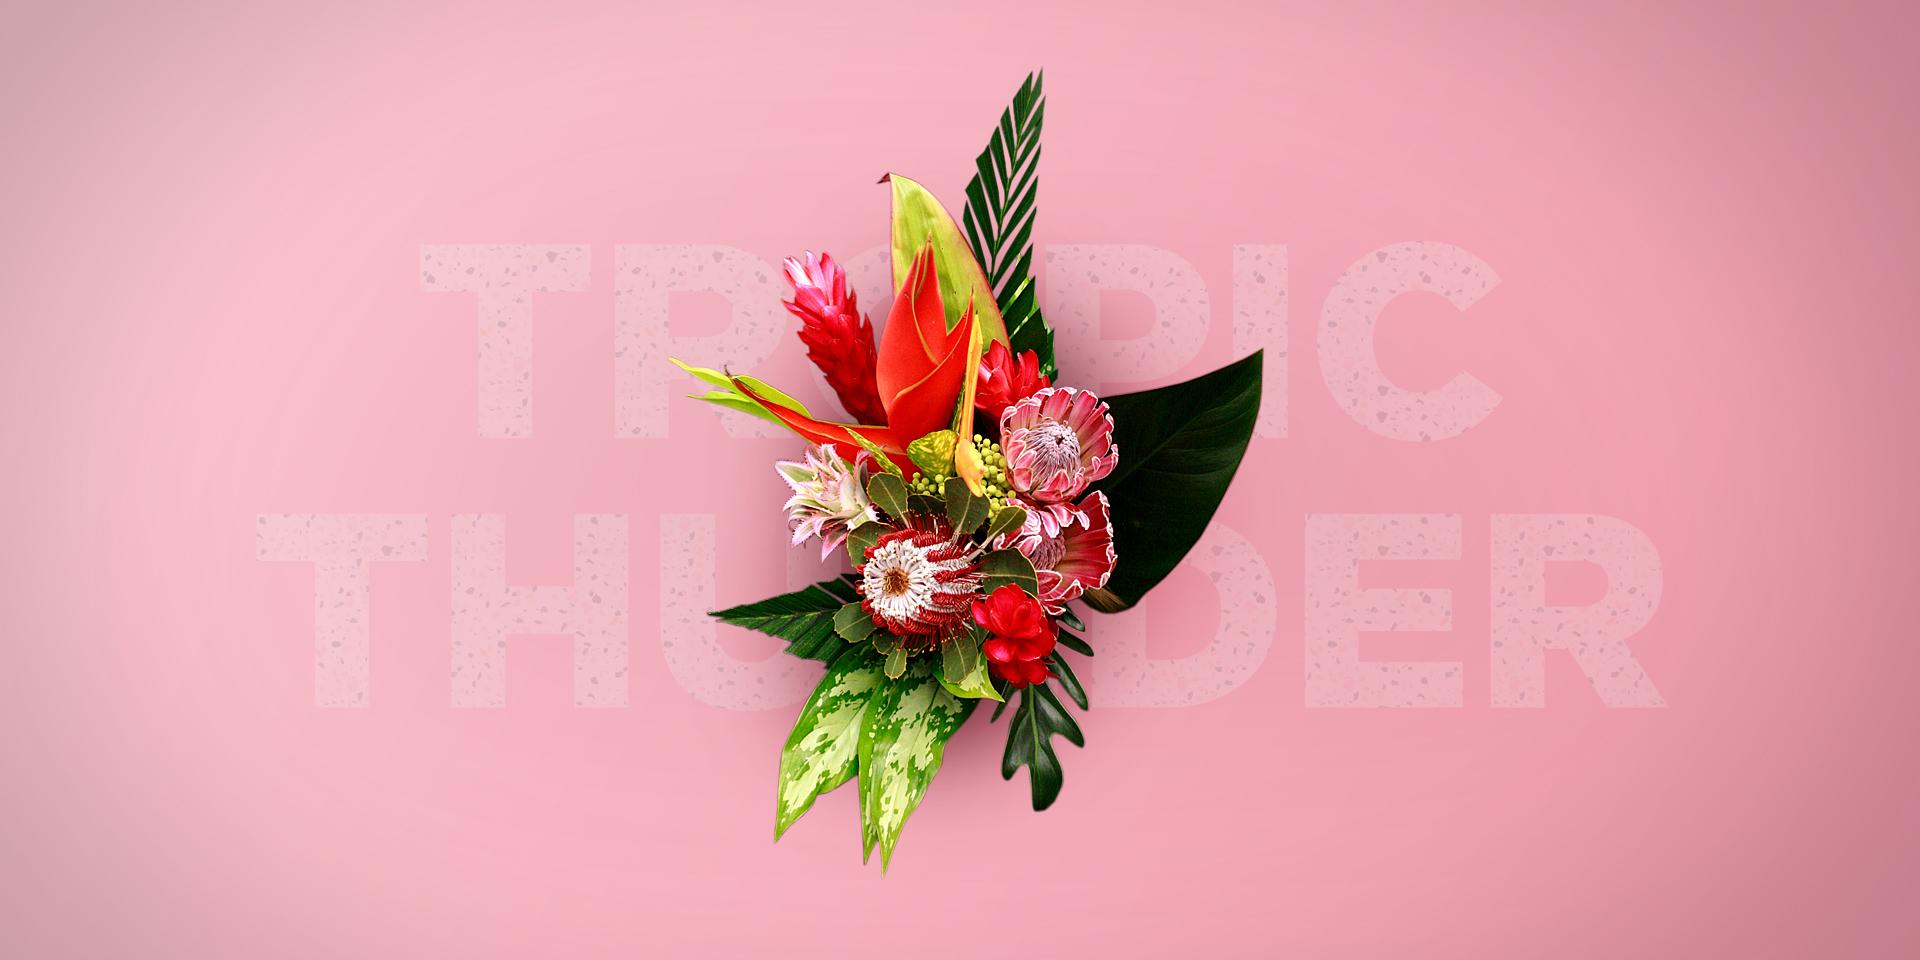 Ramo de flores tropical Tropic Thunder per a una nuvia amb heliconia, protea, ananas, safari, brunia, alocasia, philodendron, xanadu, dieffenbachia i ginger red de colors àcids, vermells, grocs, verds pujats, roses i tons taronjes